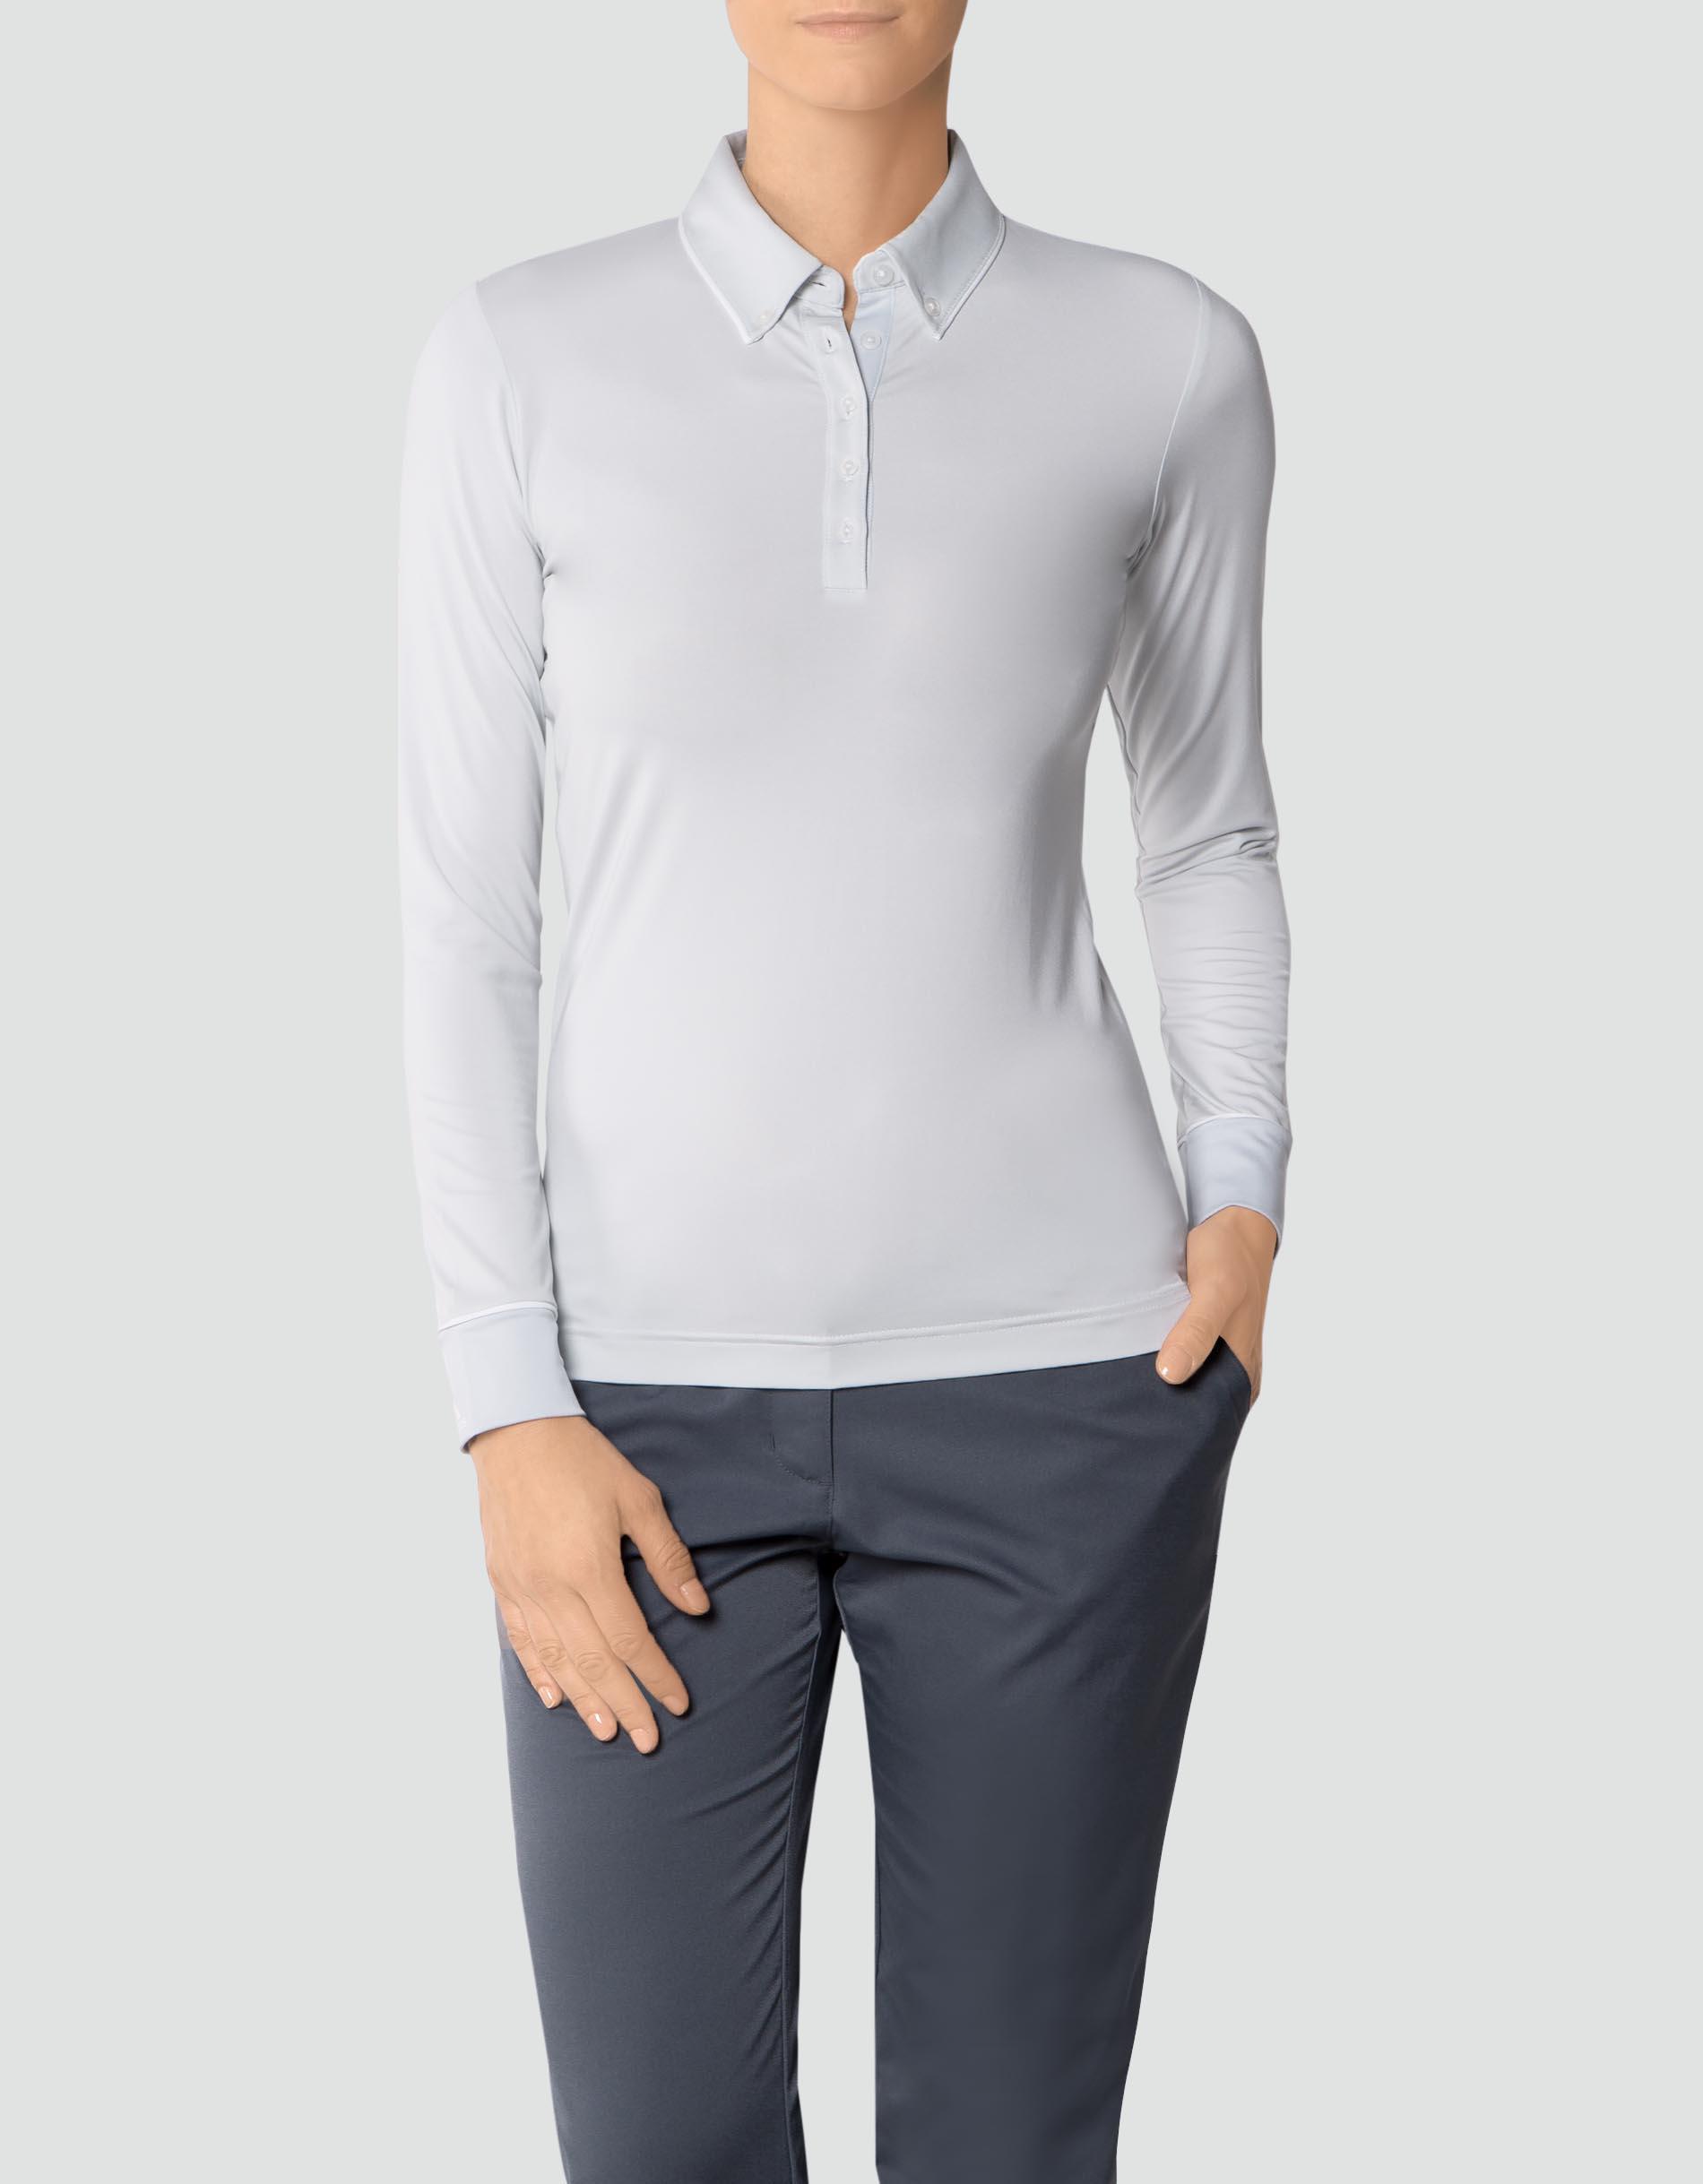 adidas golf damen climalite polo shirt aus funktions material empfohlen von deinen schwestern. Black Bedroom Furniture Sets. Home Design Ideas